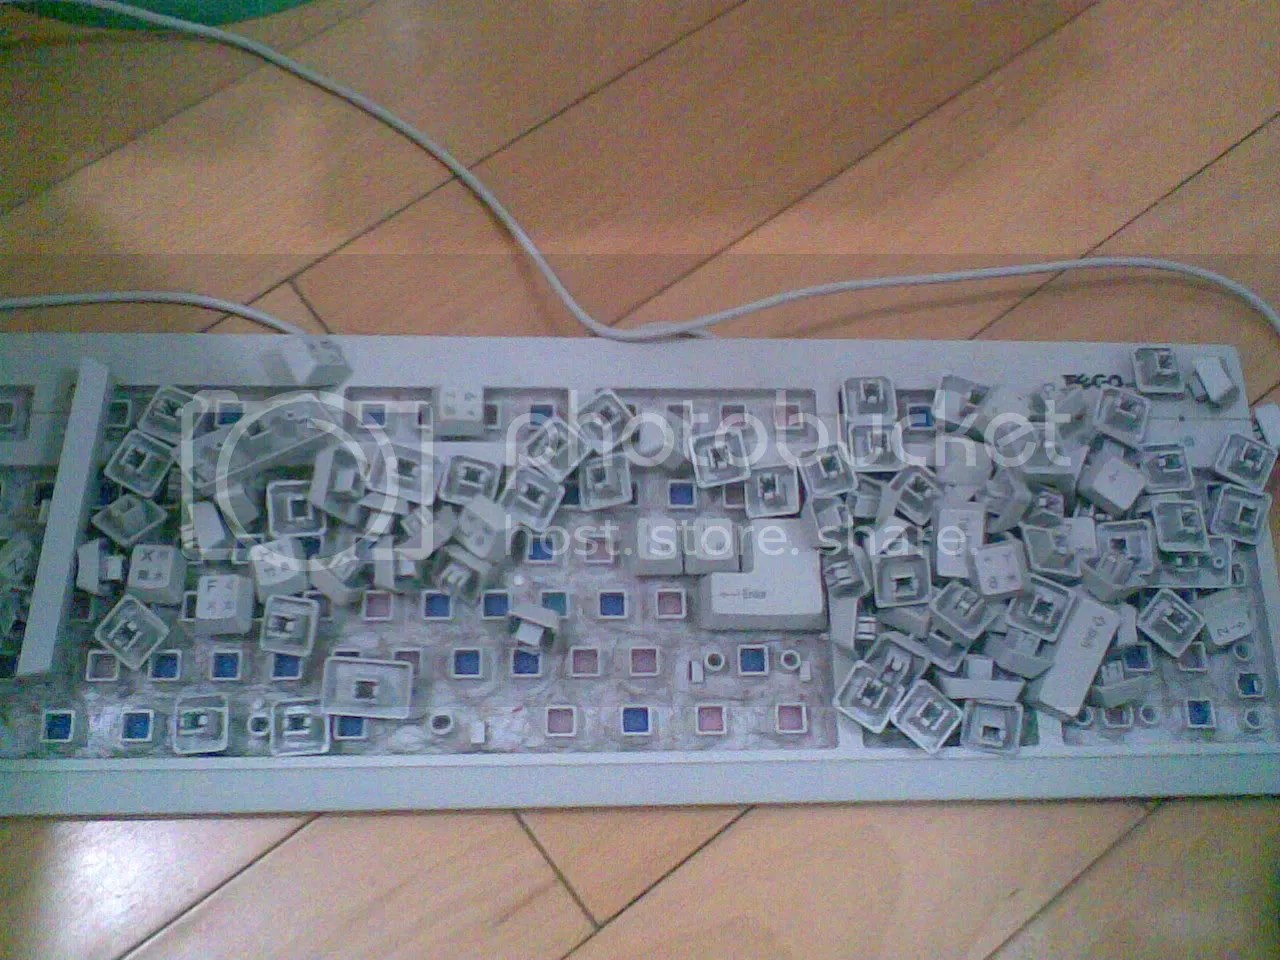 教你如何洗鍵盤 - 電腦及資訊科技與產品 - hkitalk.net 香港交通資訊網 - Powered by Discuz!